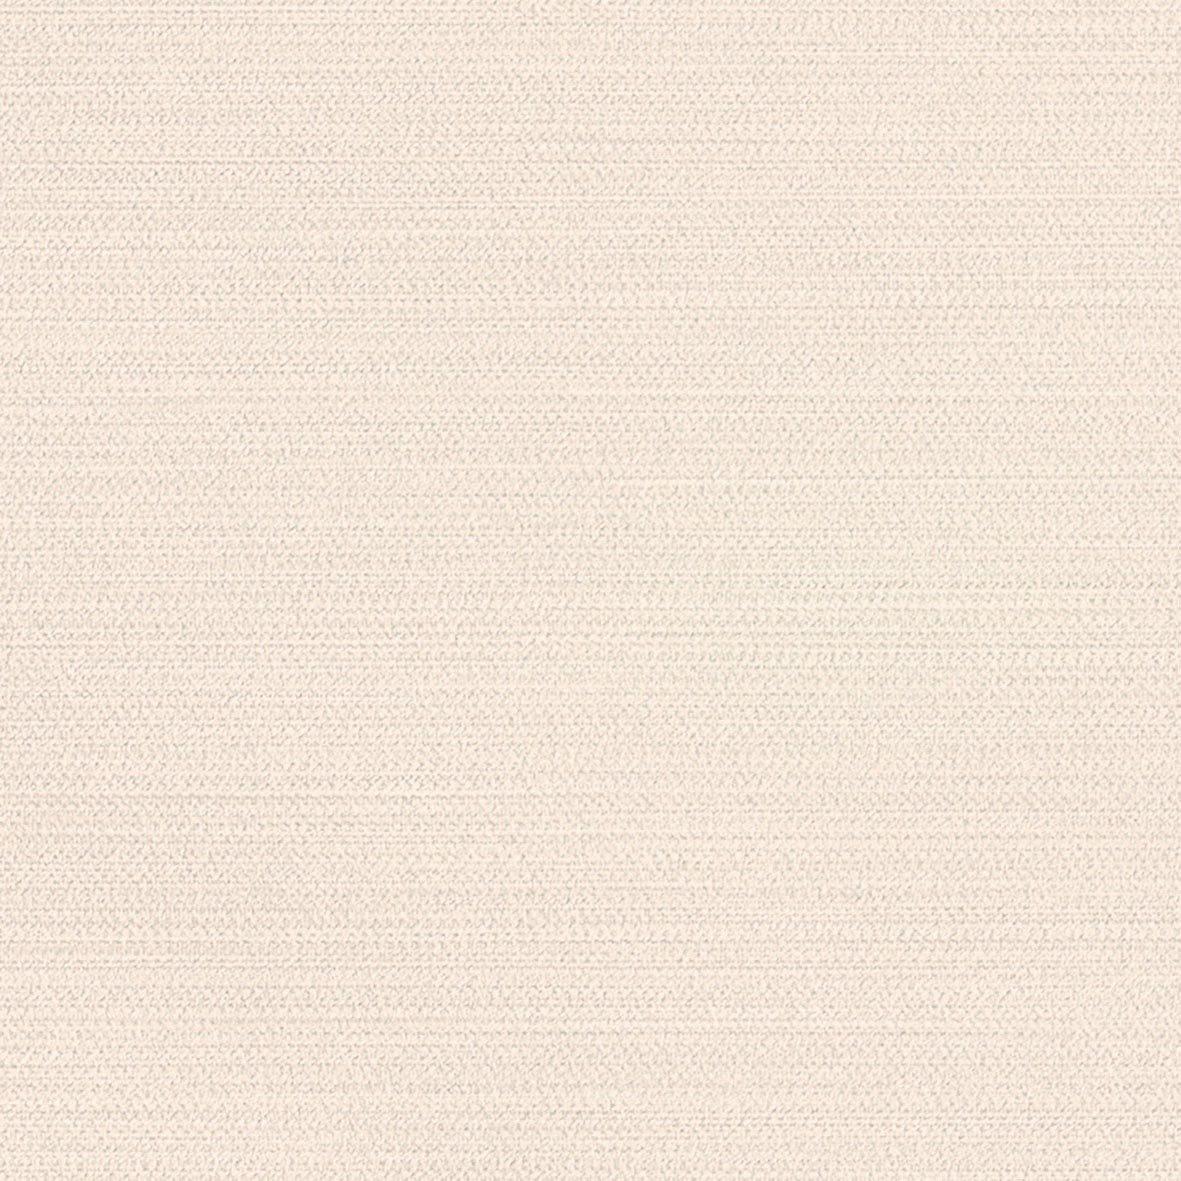 リリカラ 壁紙43m ナチュラル 織物調 ベージュ 撥水トップコートComfort Selection-消臭- LW-2134 B07613S9W1 43m|ベージュ1